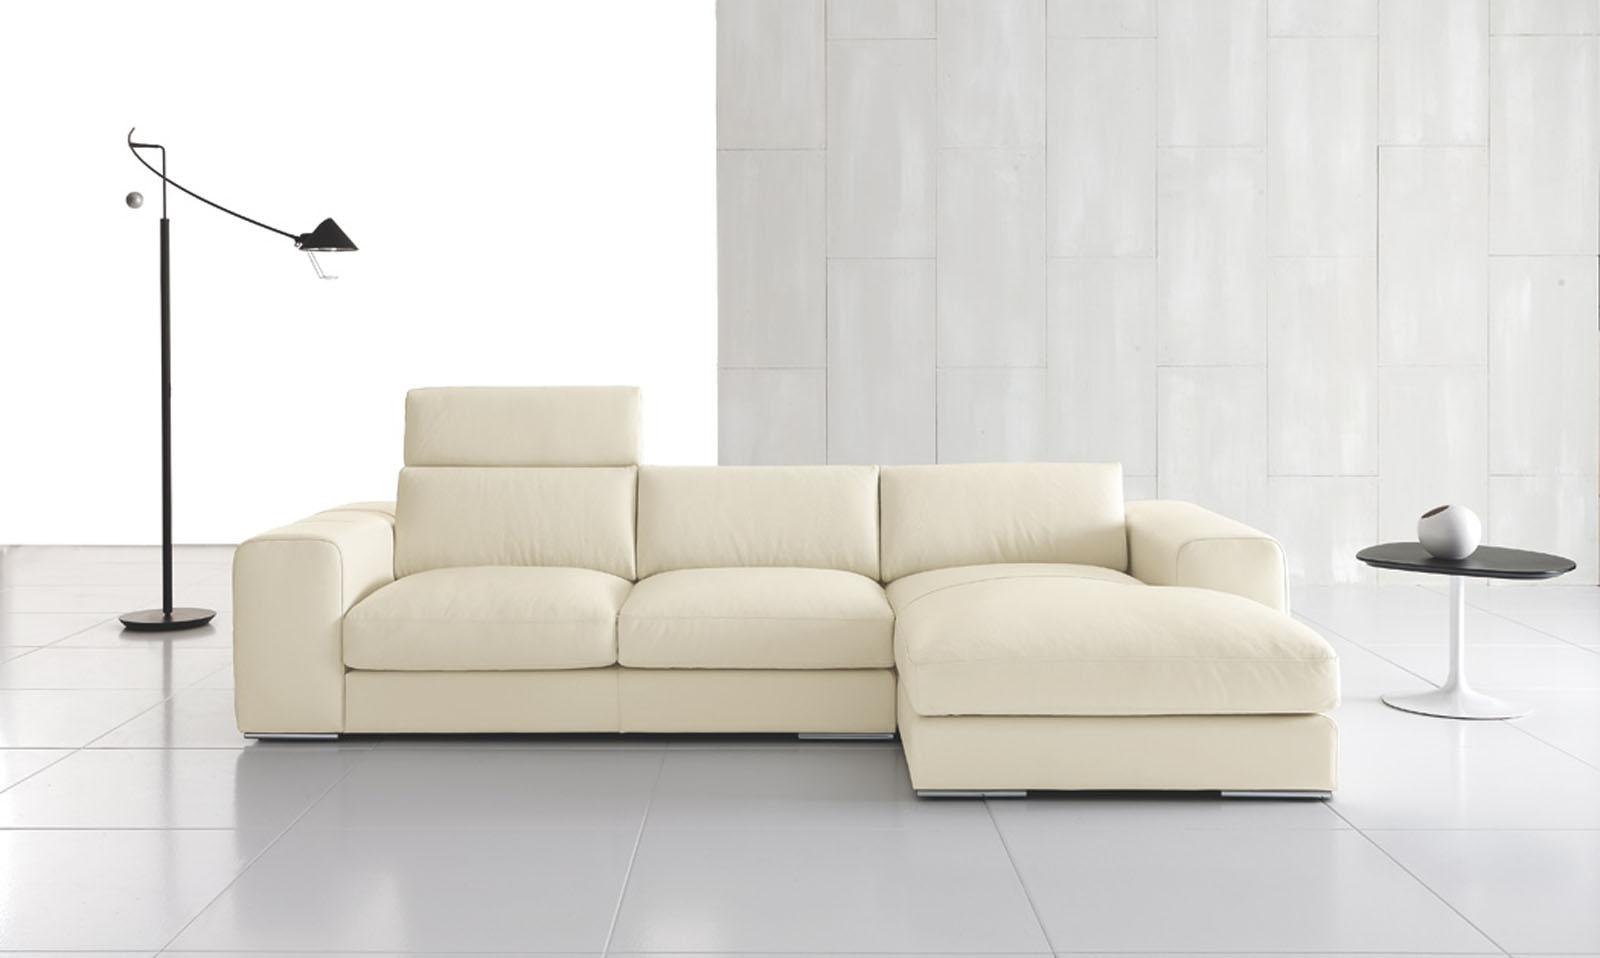 Divani blog tino mariani divano in pelle o in tessuto l 39 importante che sia sfoderabile - Divano pelle o tessuto ...